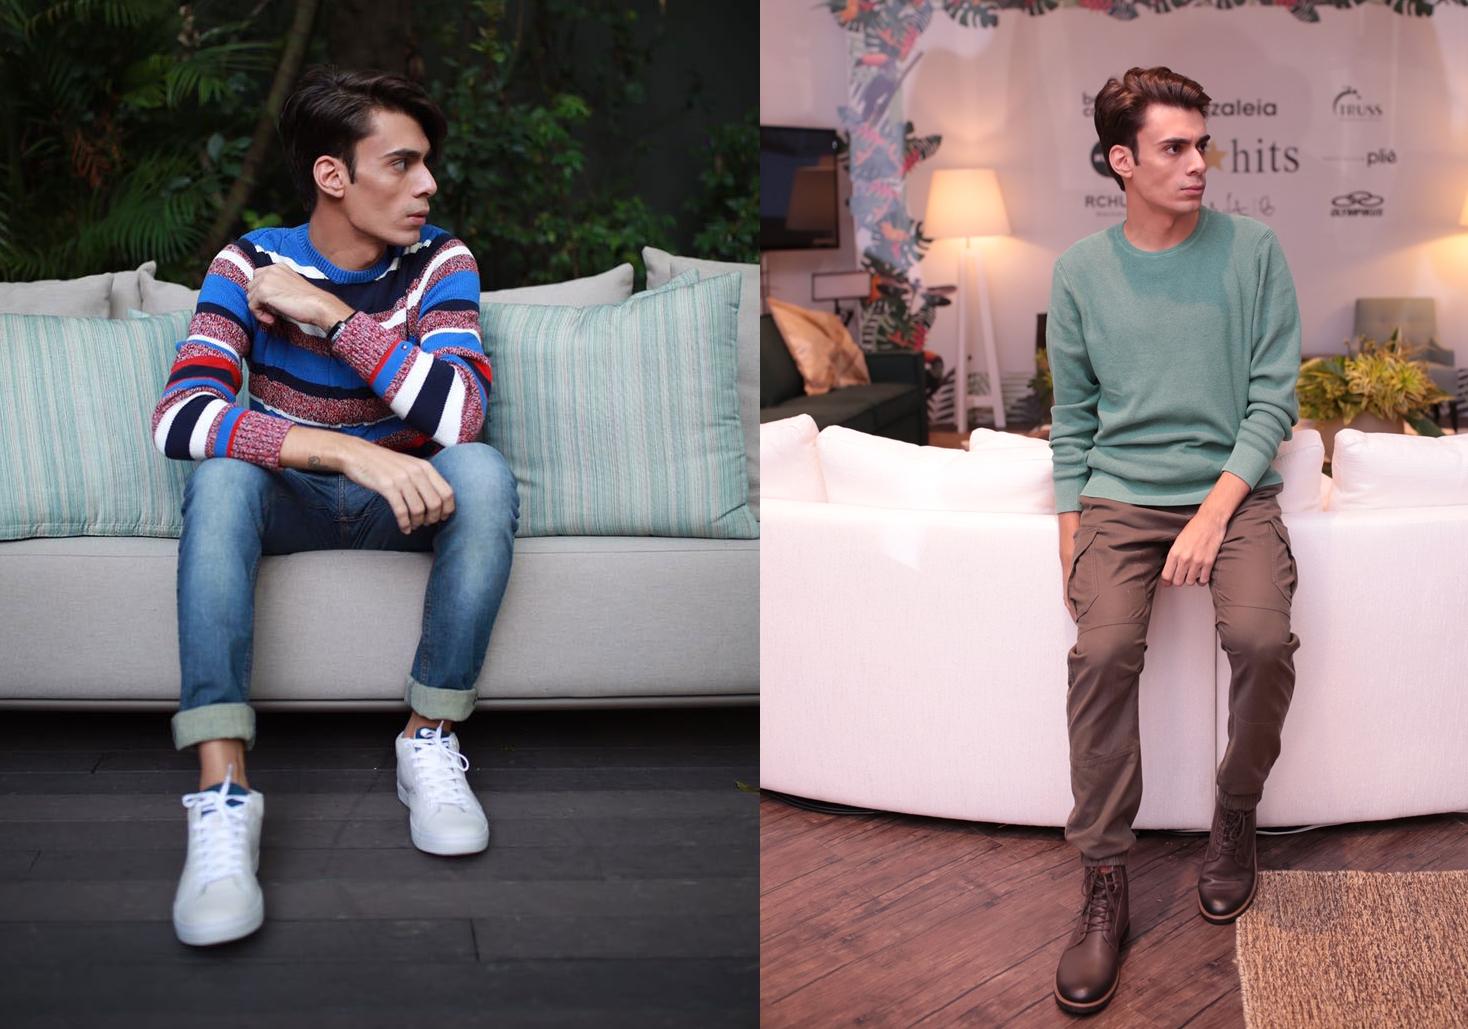 O que usar no Outono 2017 masculino, roupa masculina inverno 2017, como usar, dicas de moda para homens, blog de moda masculina, alex cursino, qg fhits